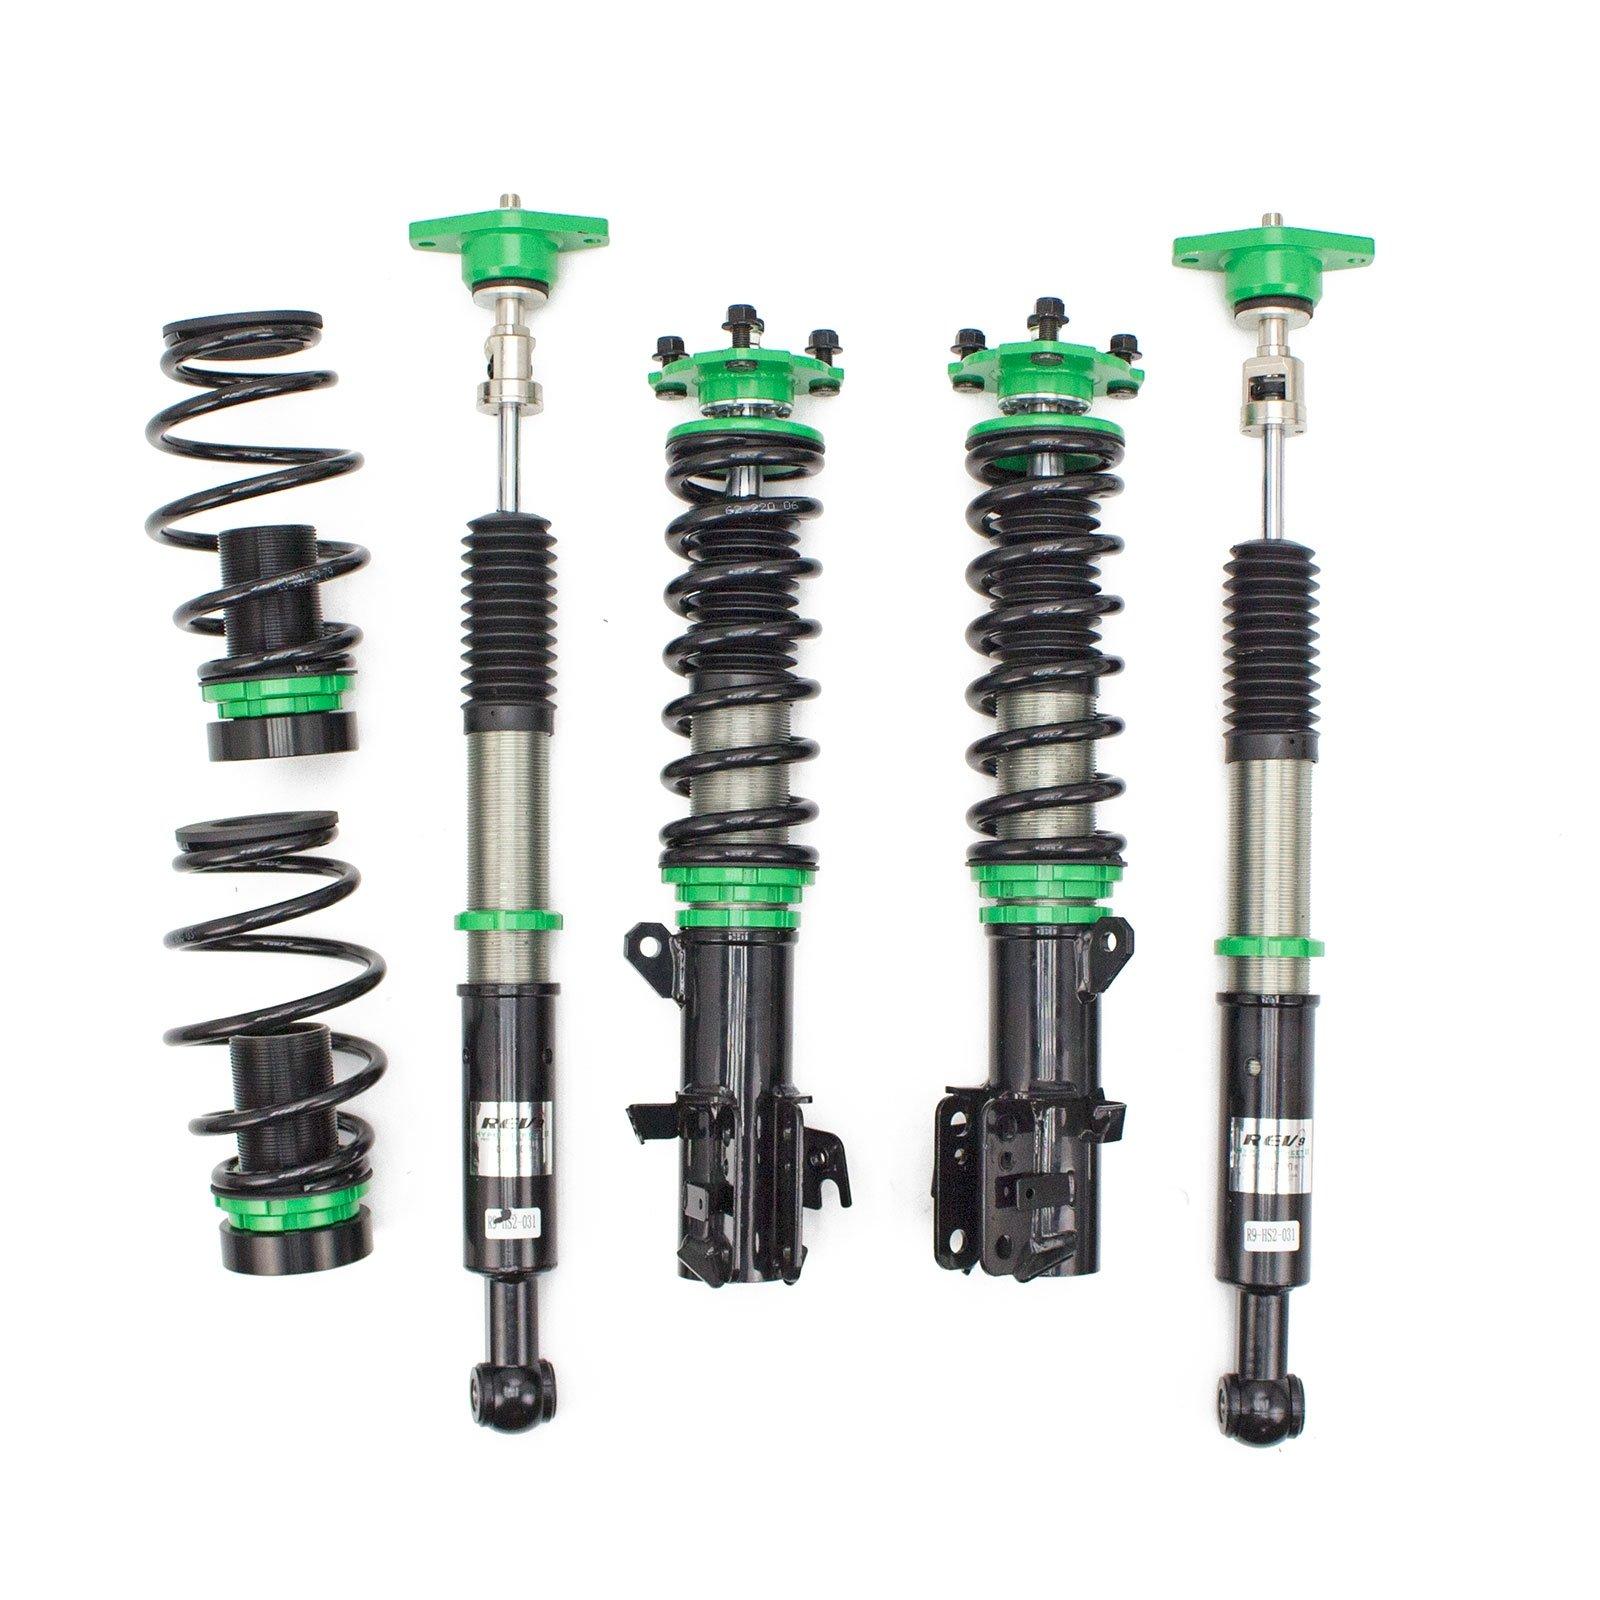 Rev9 R9-HS2-031_2 Hyper-Street II Coilover Suspension Lowering Kit, Mono-Tube Shock w/ 32 Click Rebound Setting, Full Length Adjustable